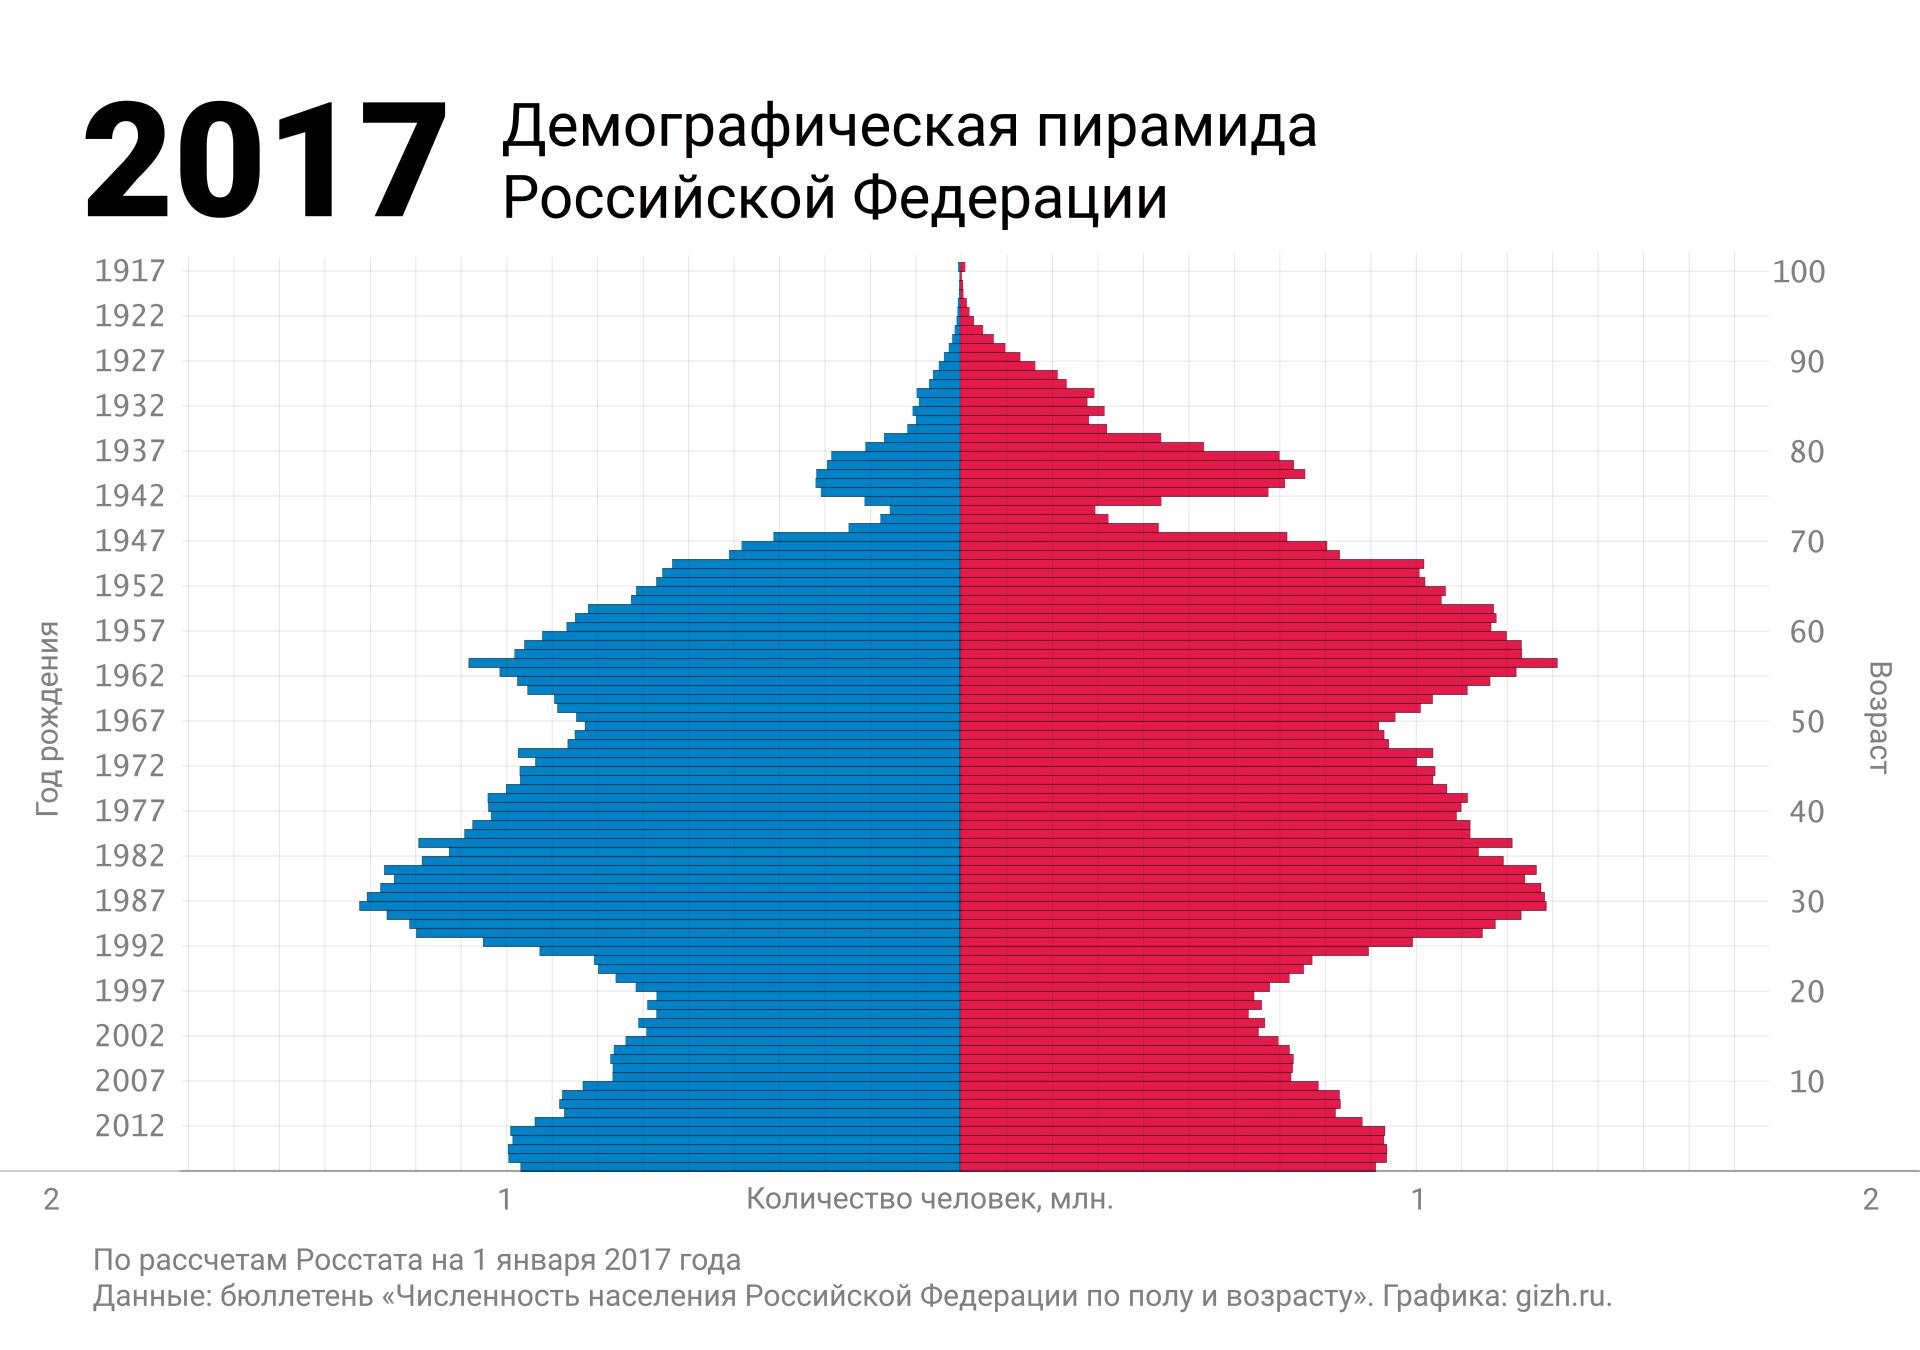 Демографическая (половозрастная) пирамида России 2017